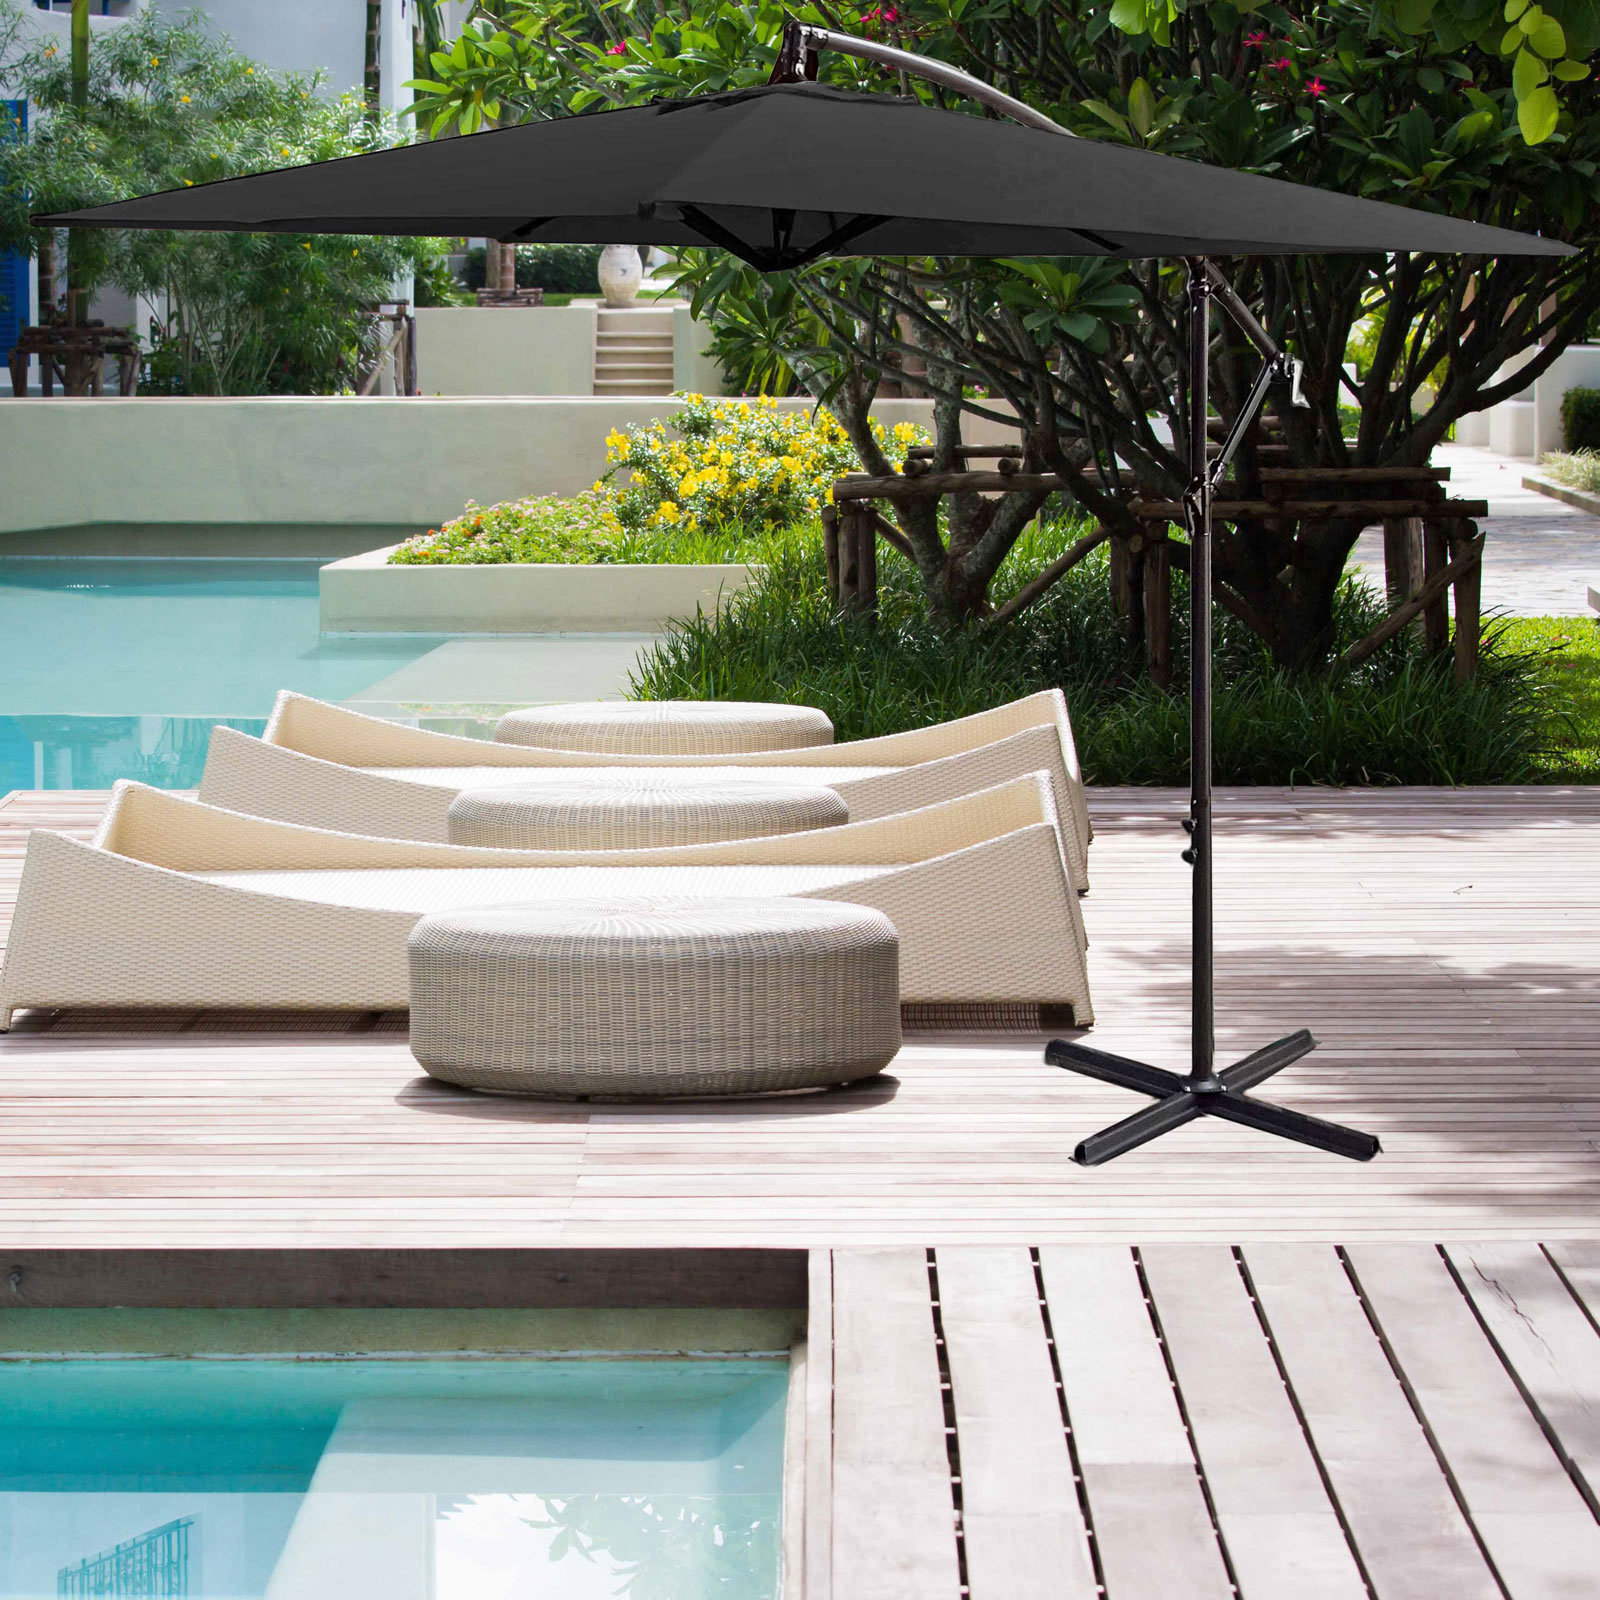 Milano-2-2M-Outdoor-Umbrella-Cantilever-Garden-Deck-Patio-Shade-Water-Resistant thumbnail 13